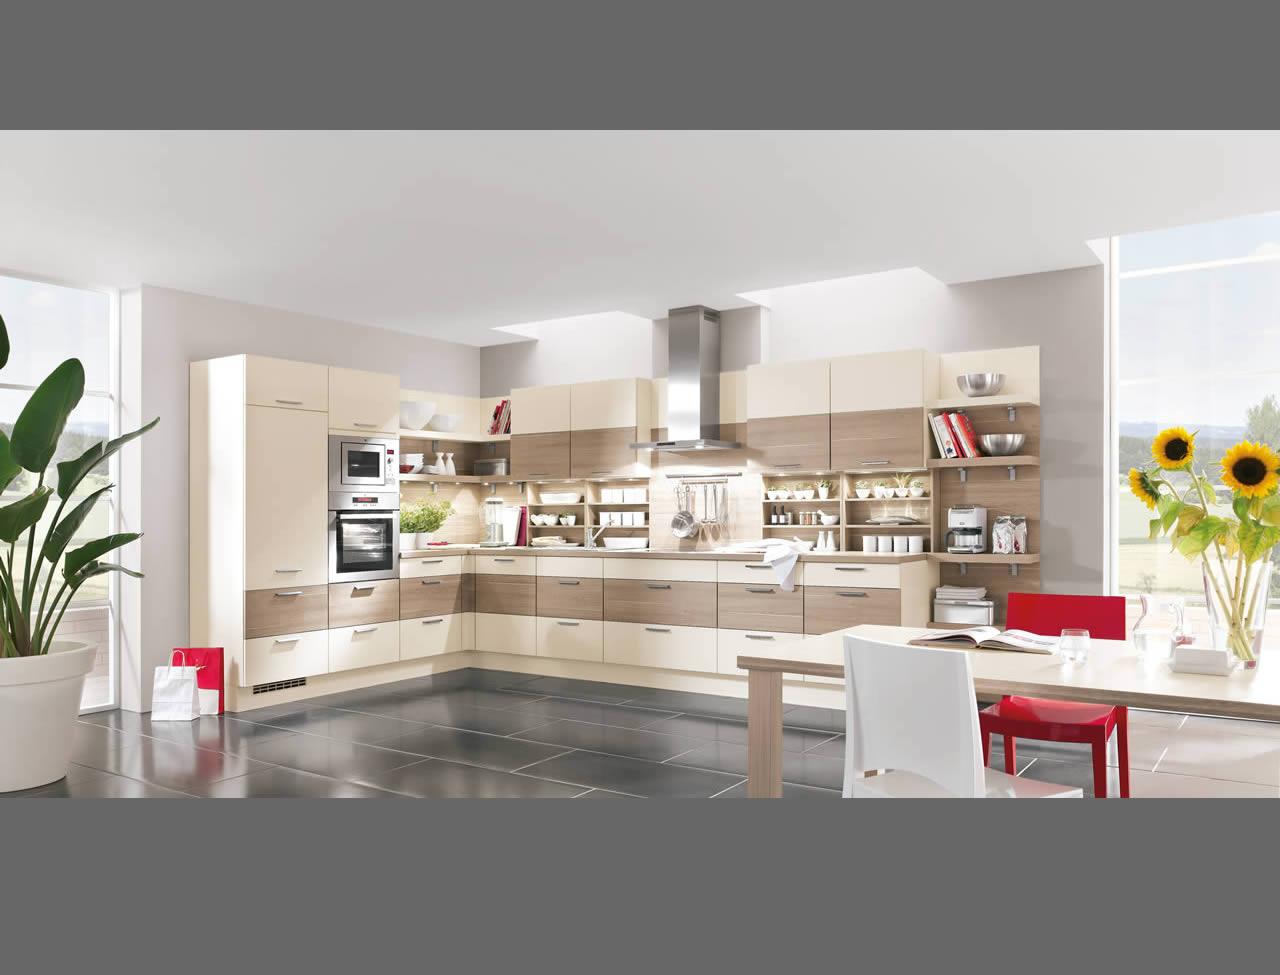 Tiendas De Muebles En Estepona Idea Creativa Della Casa E Dell  # Muebles Ramirez Almeria